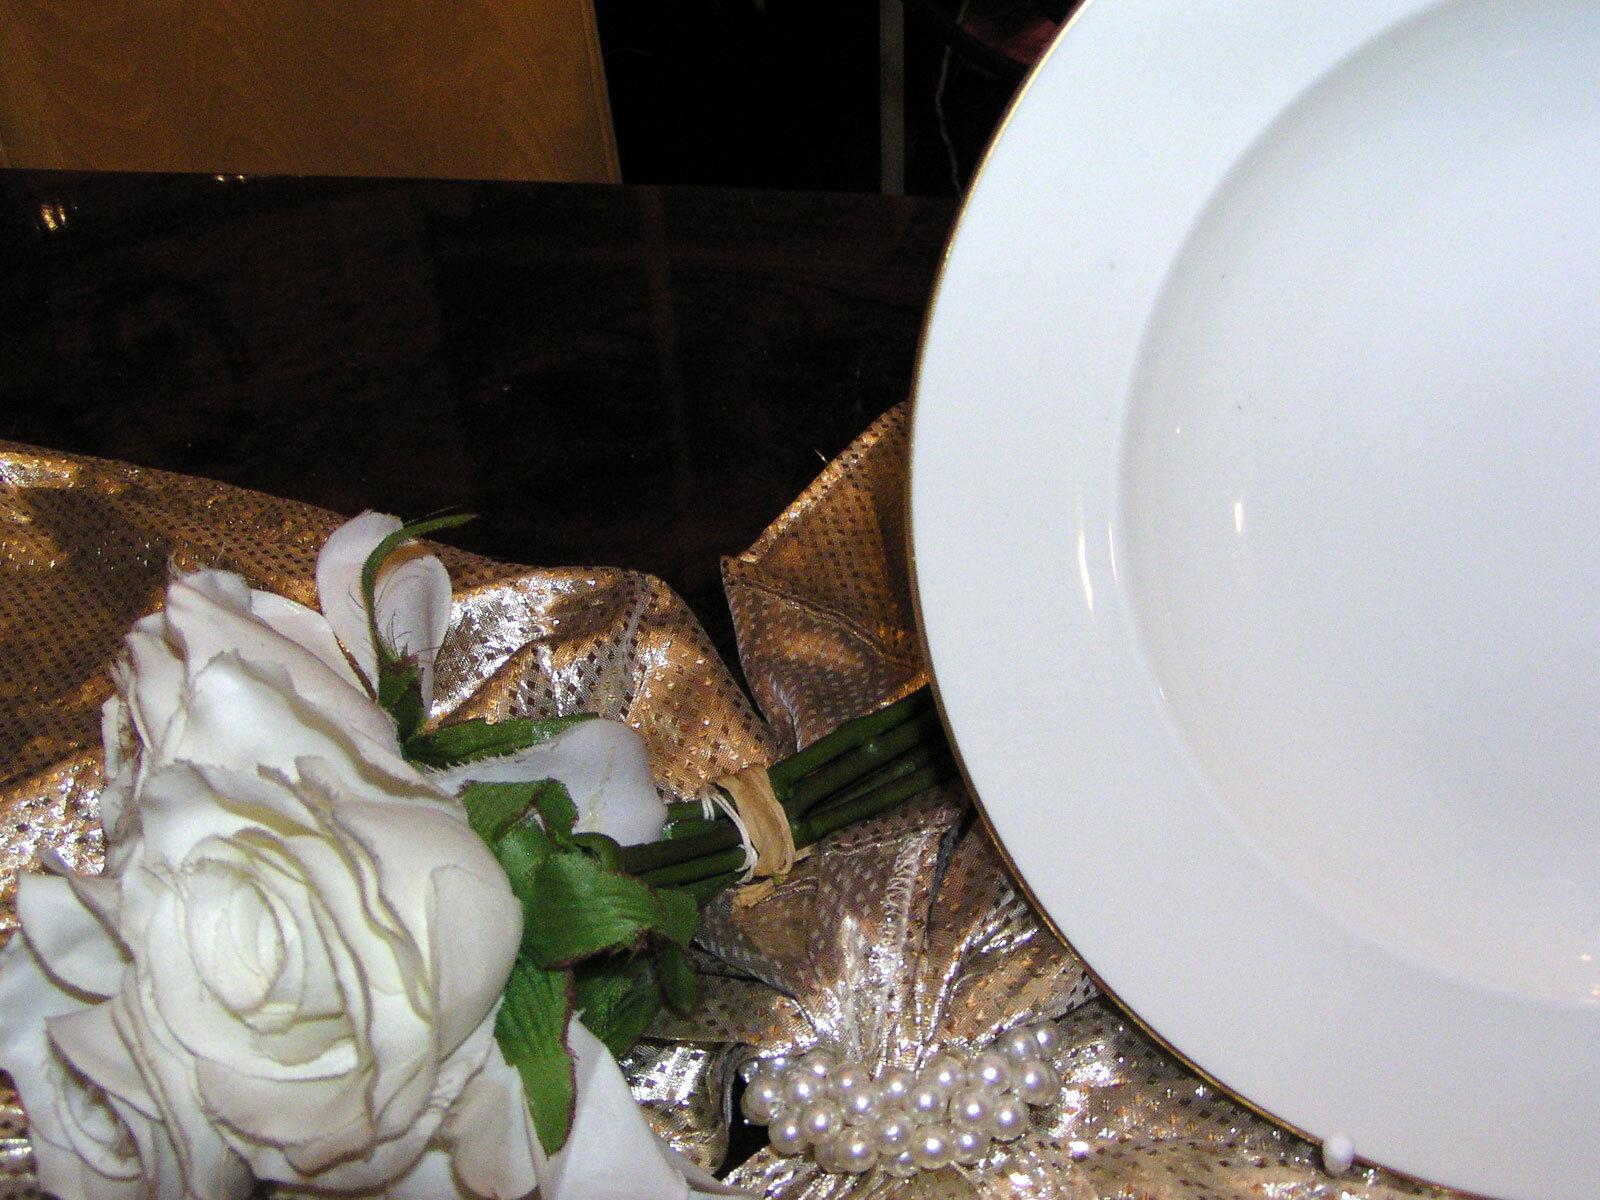 Edle große Platte Servierplatte Rosanthal CGoldna Ivory elfenbein elfenbein elfenbein Goldrand top      Für Ihre Wahl  3195a4